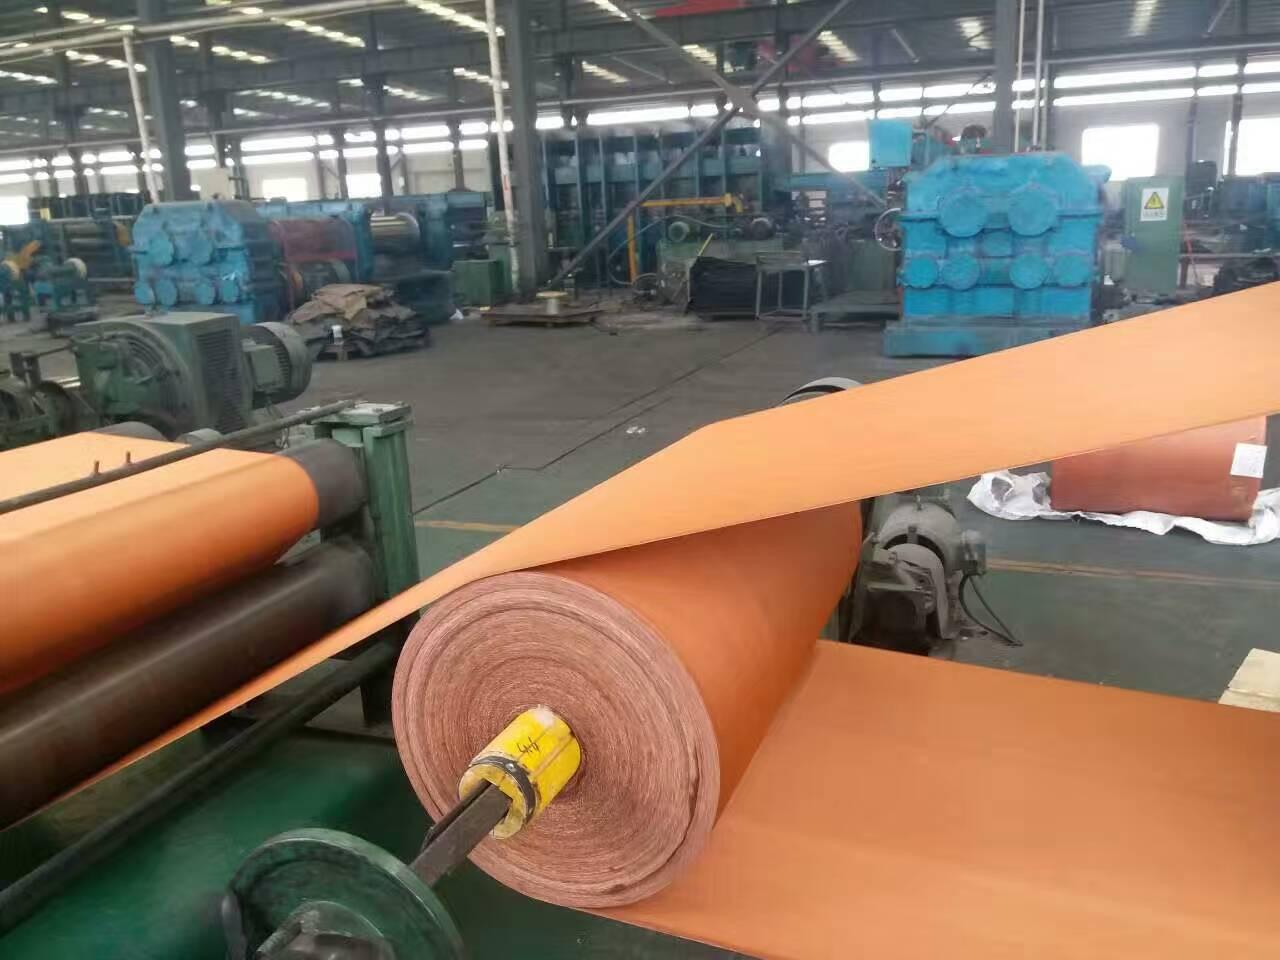 青岛输送带厂家|白色输送带|耐酸碱白色橡胶输送带 根据使用环境和要求的不同分为很多规格和型号: 1.根据客户按宽度可以随意裁剪; 2.按使用环境的不同,分为普通输送带又包括(普通型、耐热型、难燃型、耐烧灼型、耐酸碱型、耐油型)、耐热输送带、耐寒输送带、耐酸碱输送带、耐油输送带、食品输送带等型号。其中普通输送带 和食品输送带上覆盖胶最低厚度为3.